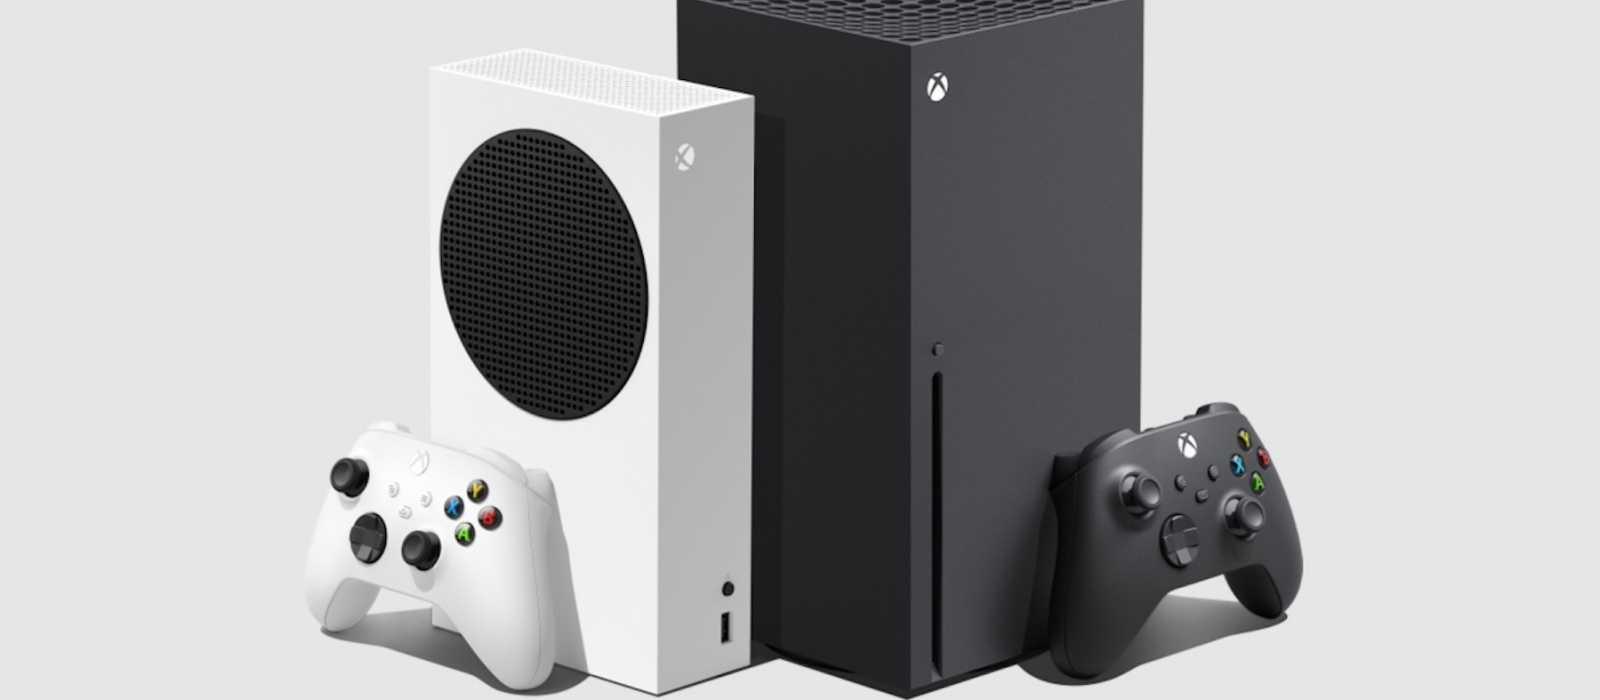 Phil Spencer erklärte, dass die Xbox Series S besser sein wird als die ältere Version der Konsole